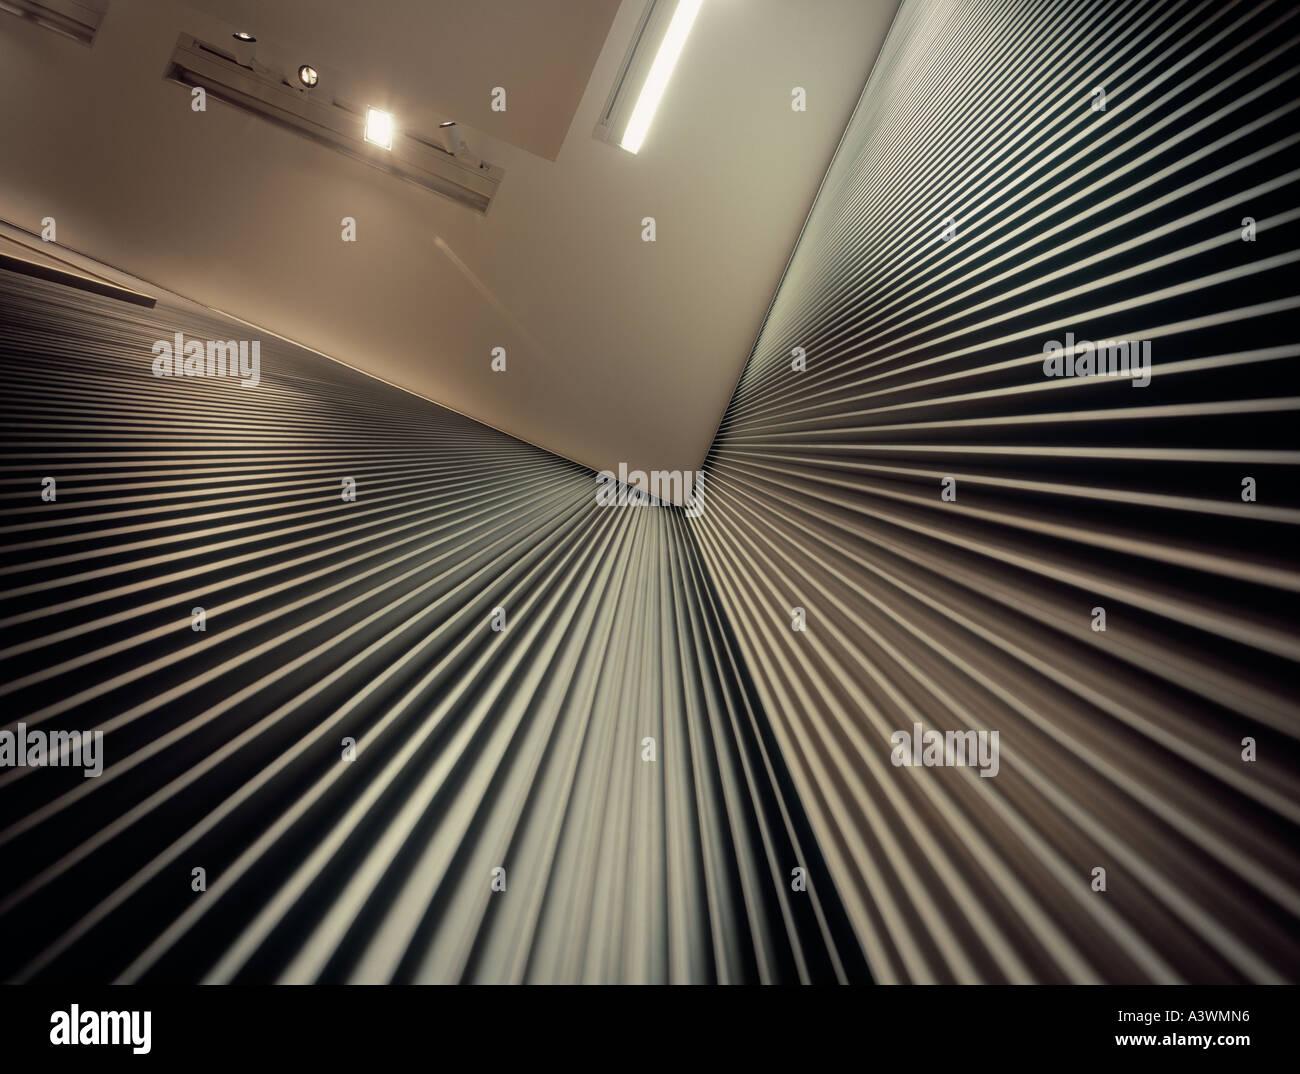 Lignes convergentes, (coin de mur ondulé). Banque D'Images